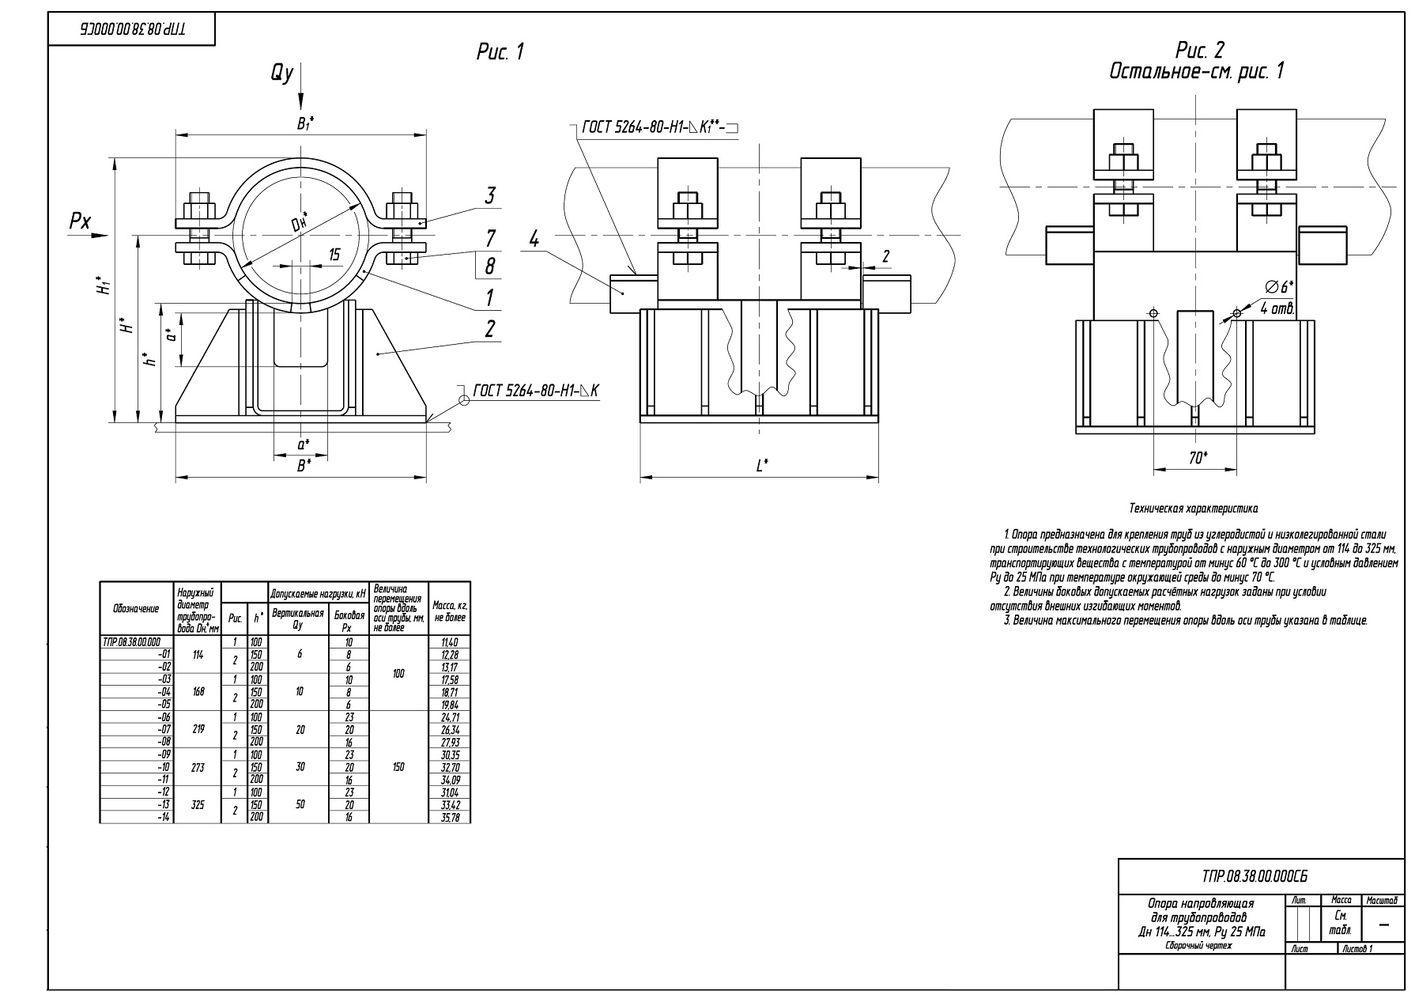 ТПР.08.38.00.000 Опоры направляющие для трубопроводов Дн 114-325 мм